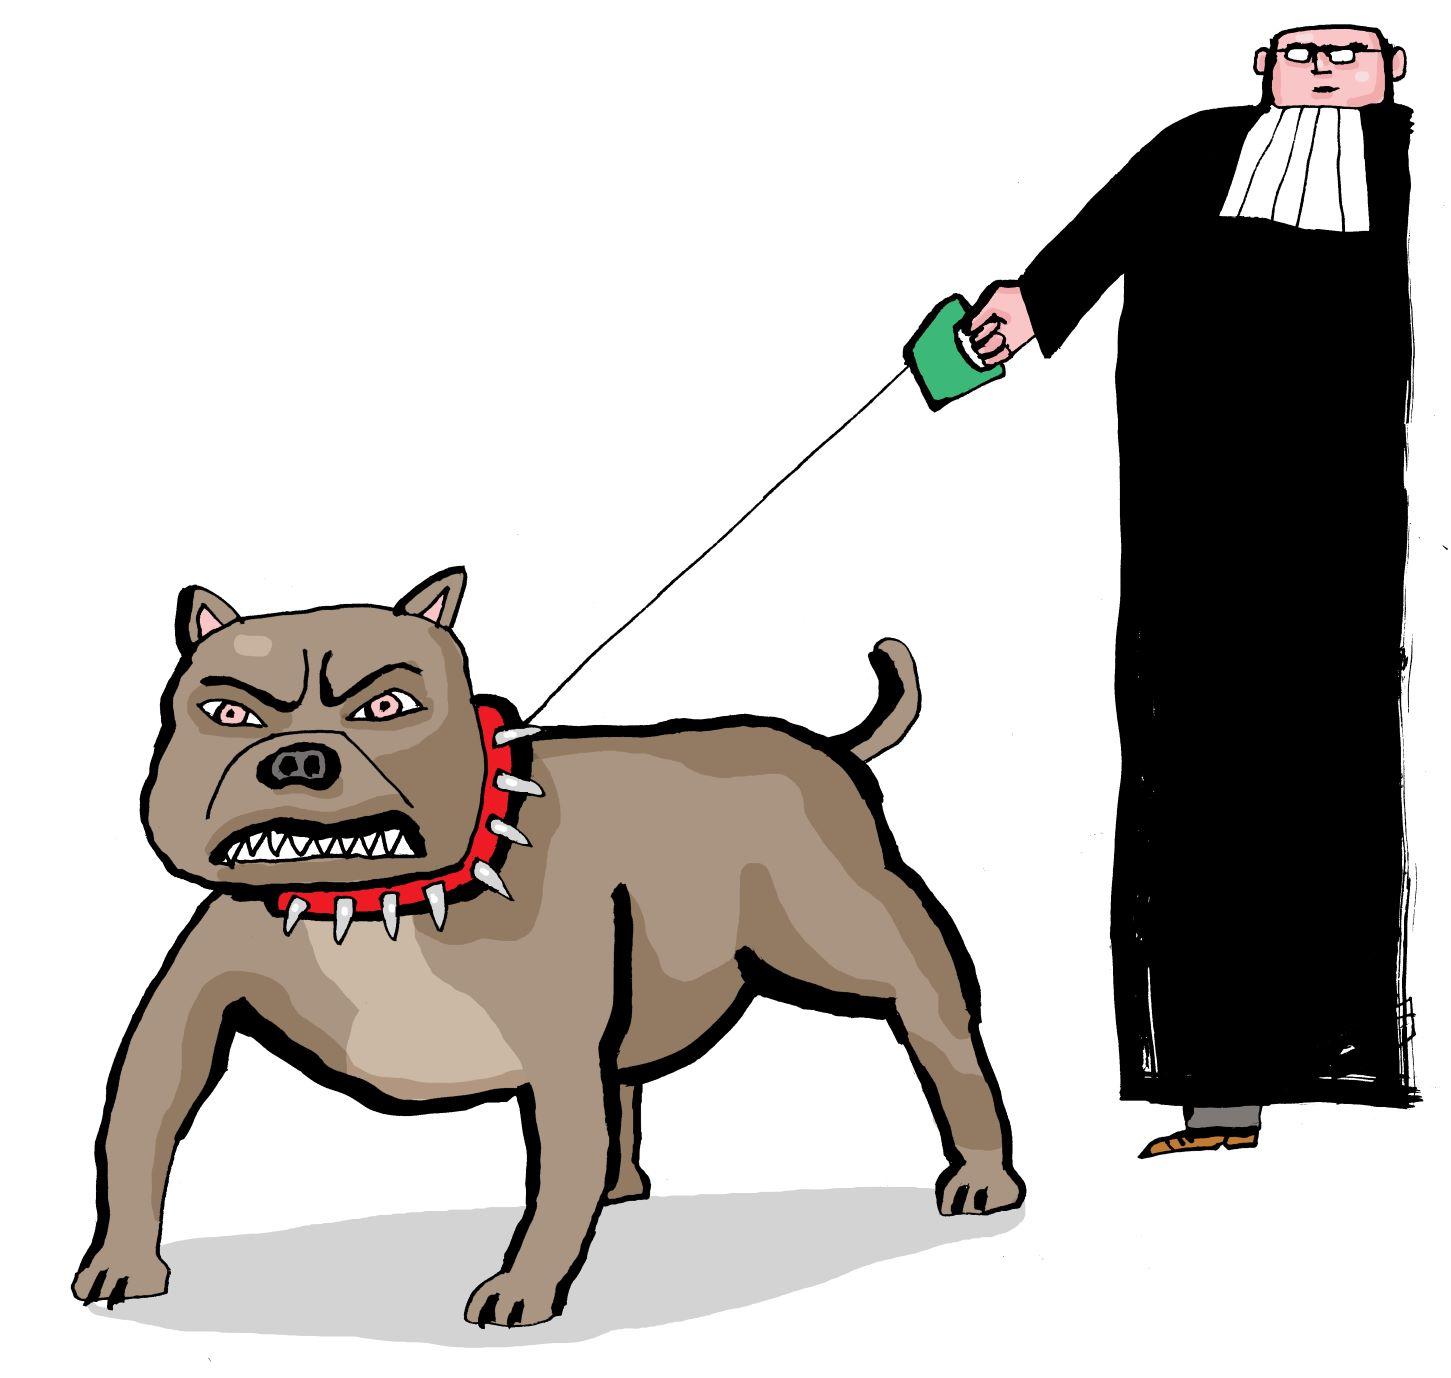 kwestie rechtsstaat pitbull – bas van der schot